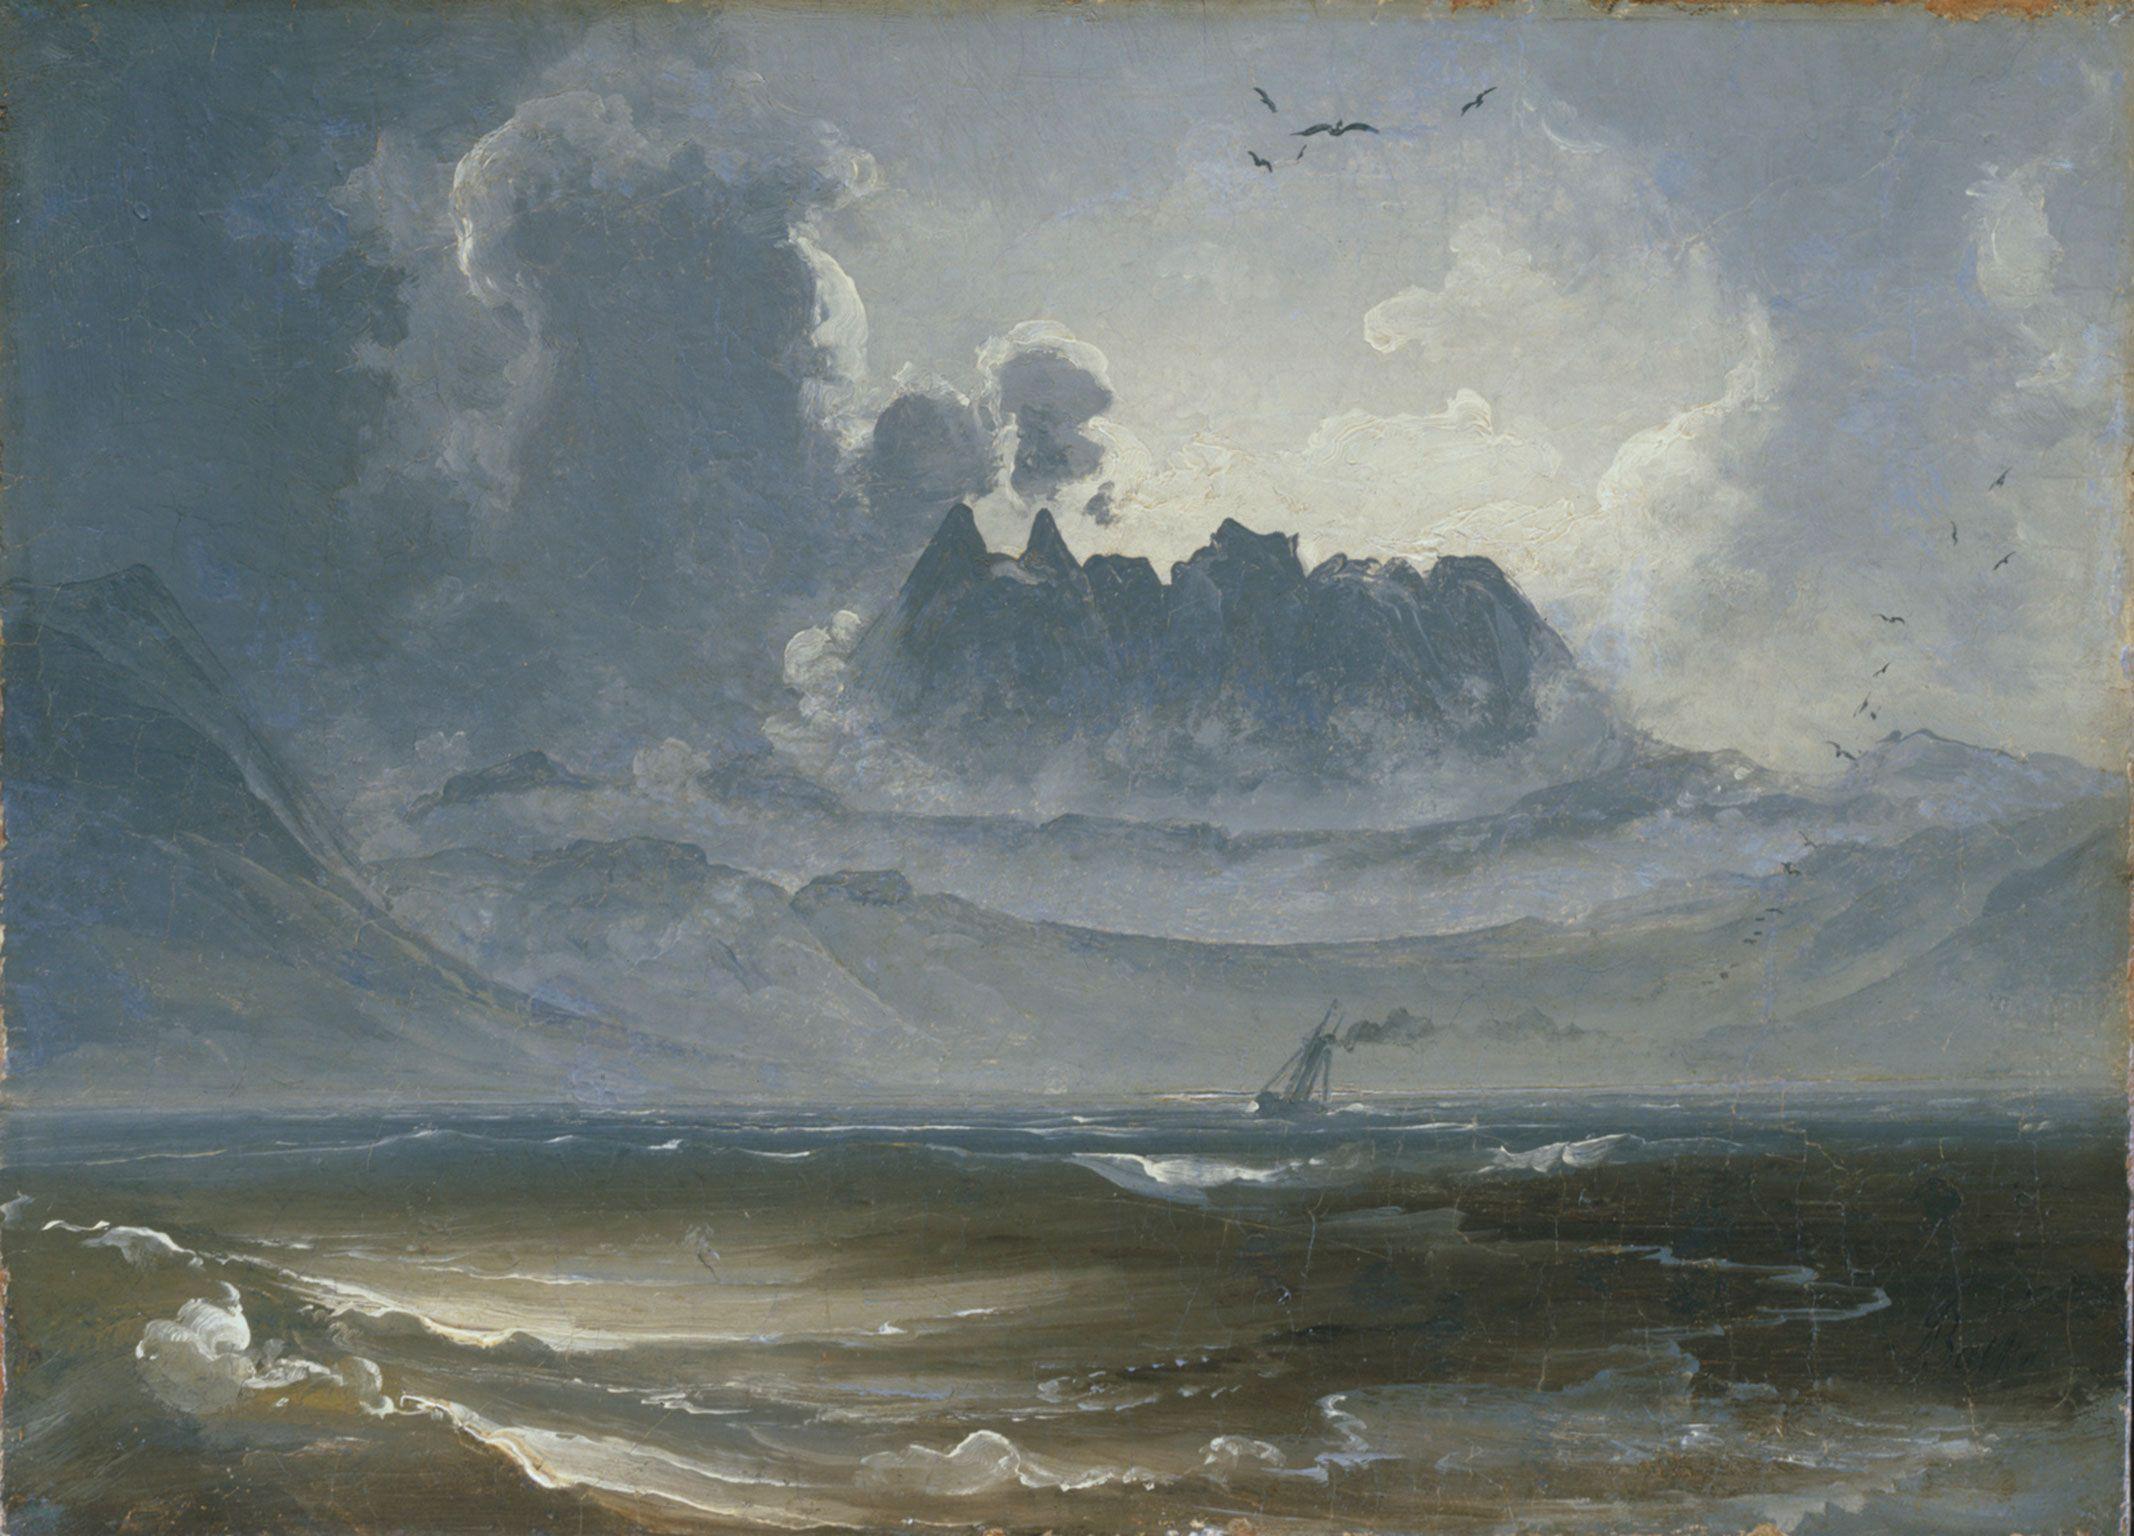 The Trolltindene range by Peder Balke.